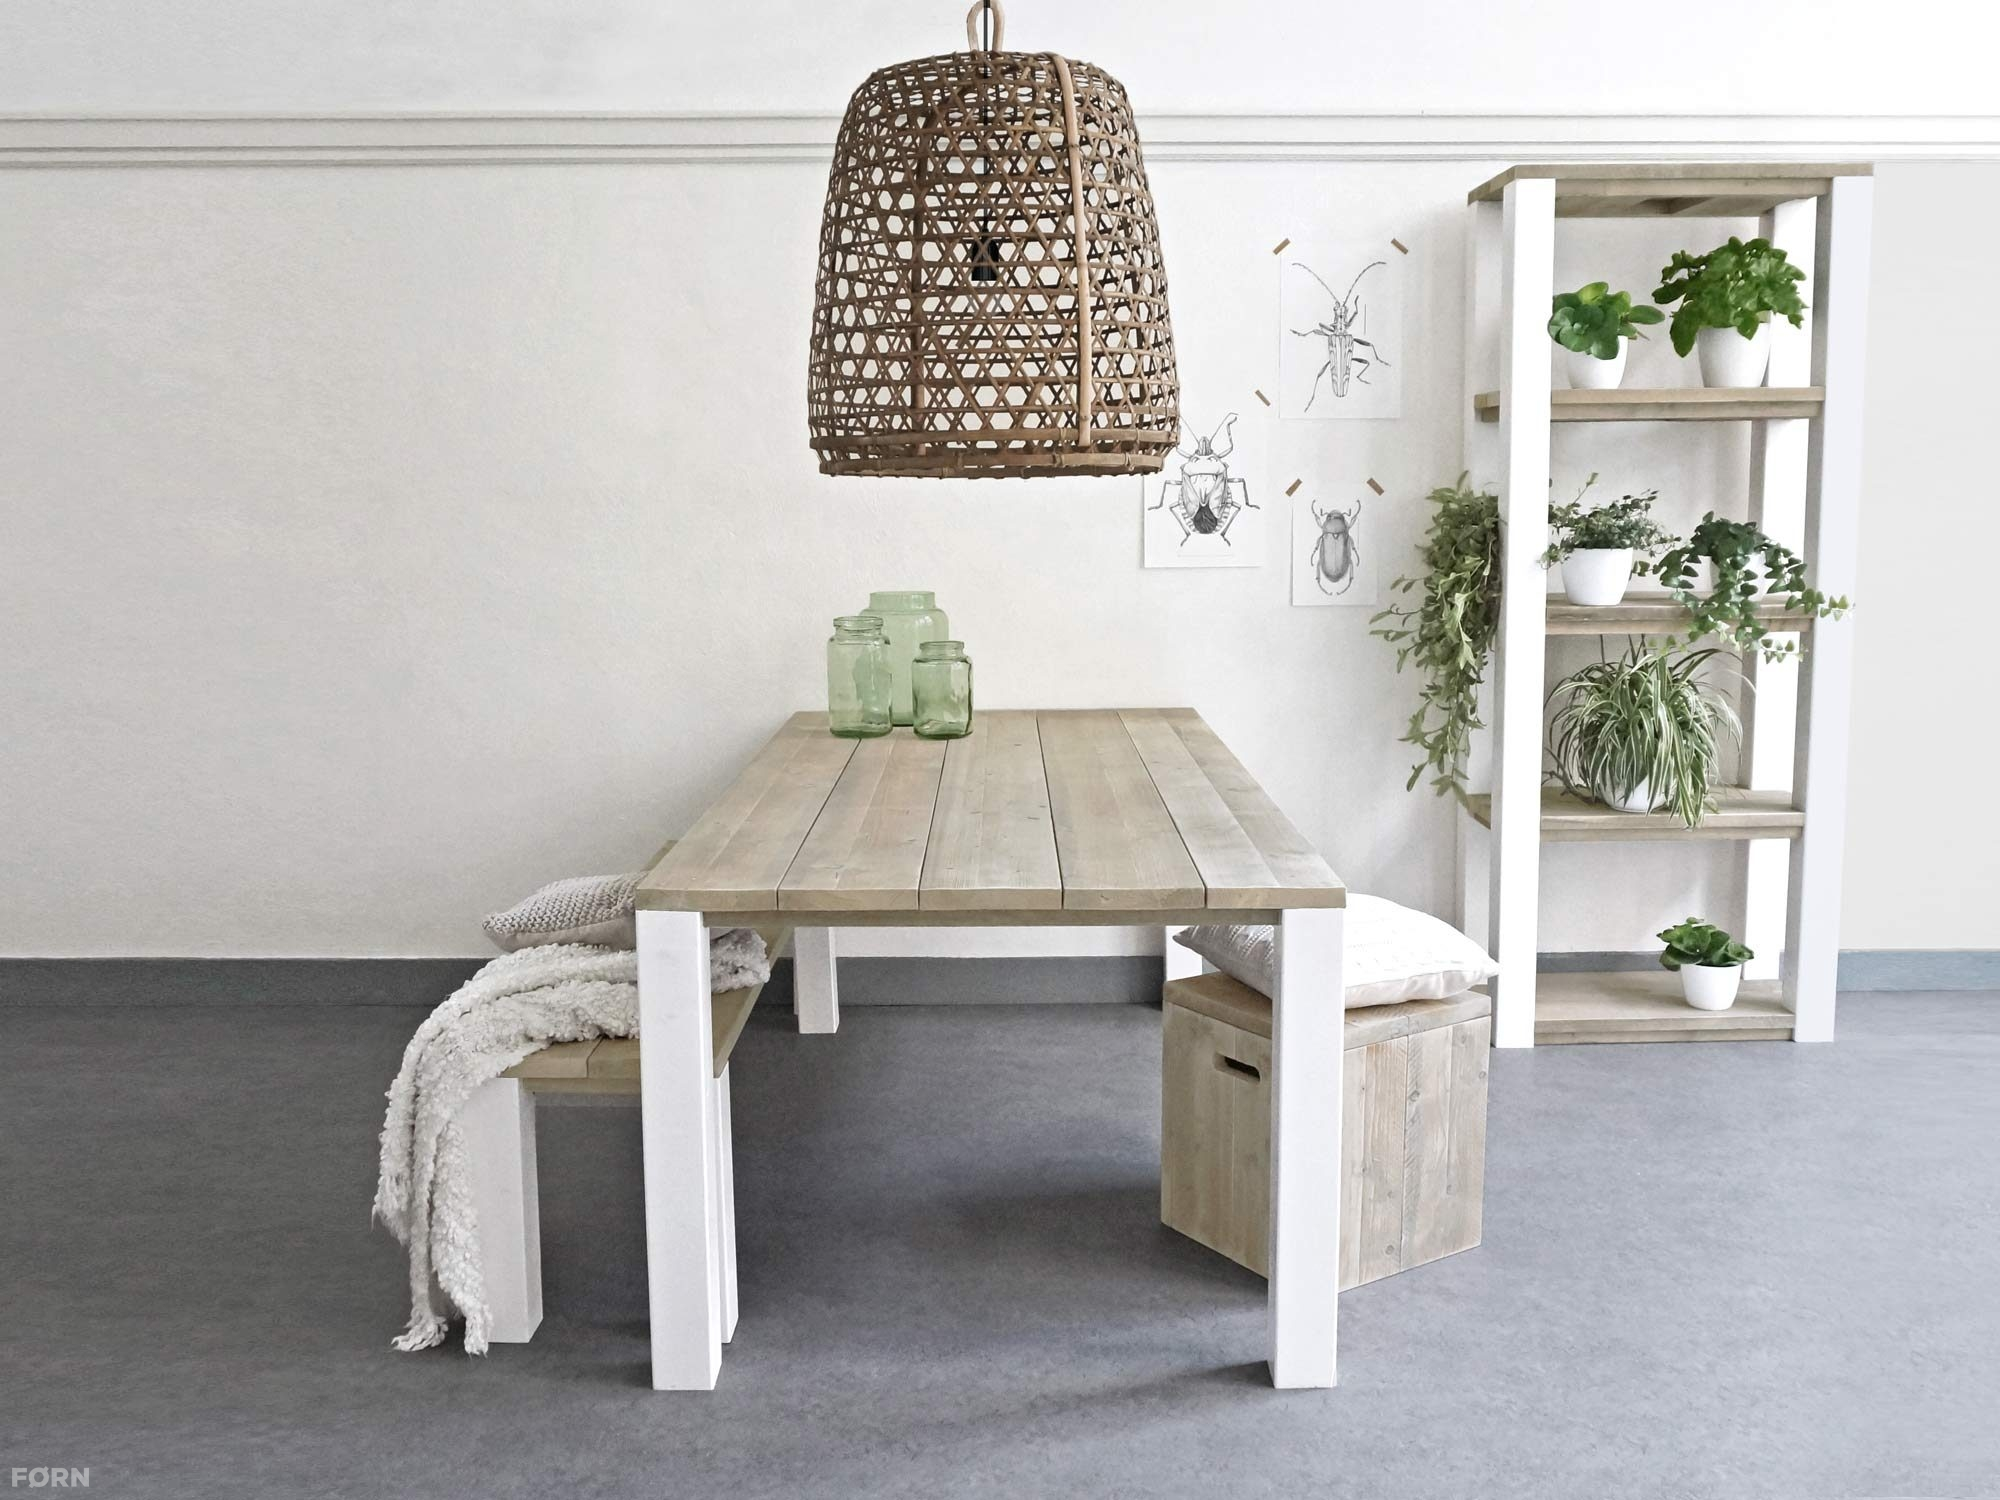 Wit Bankje Eettafel.Steigerhouten Eettafel Op Maat Gemaakt Forn